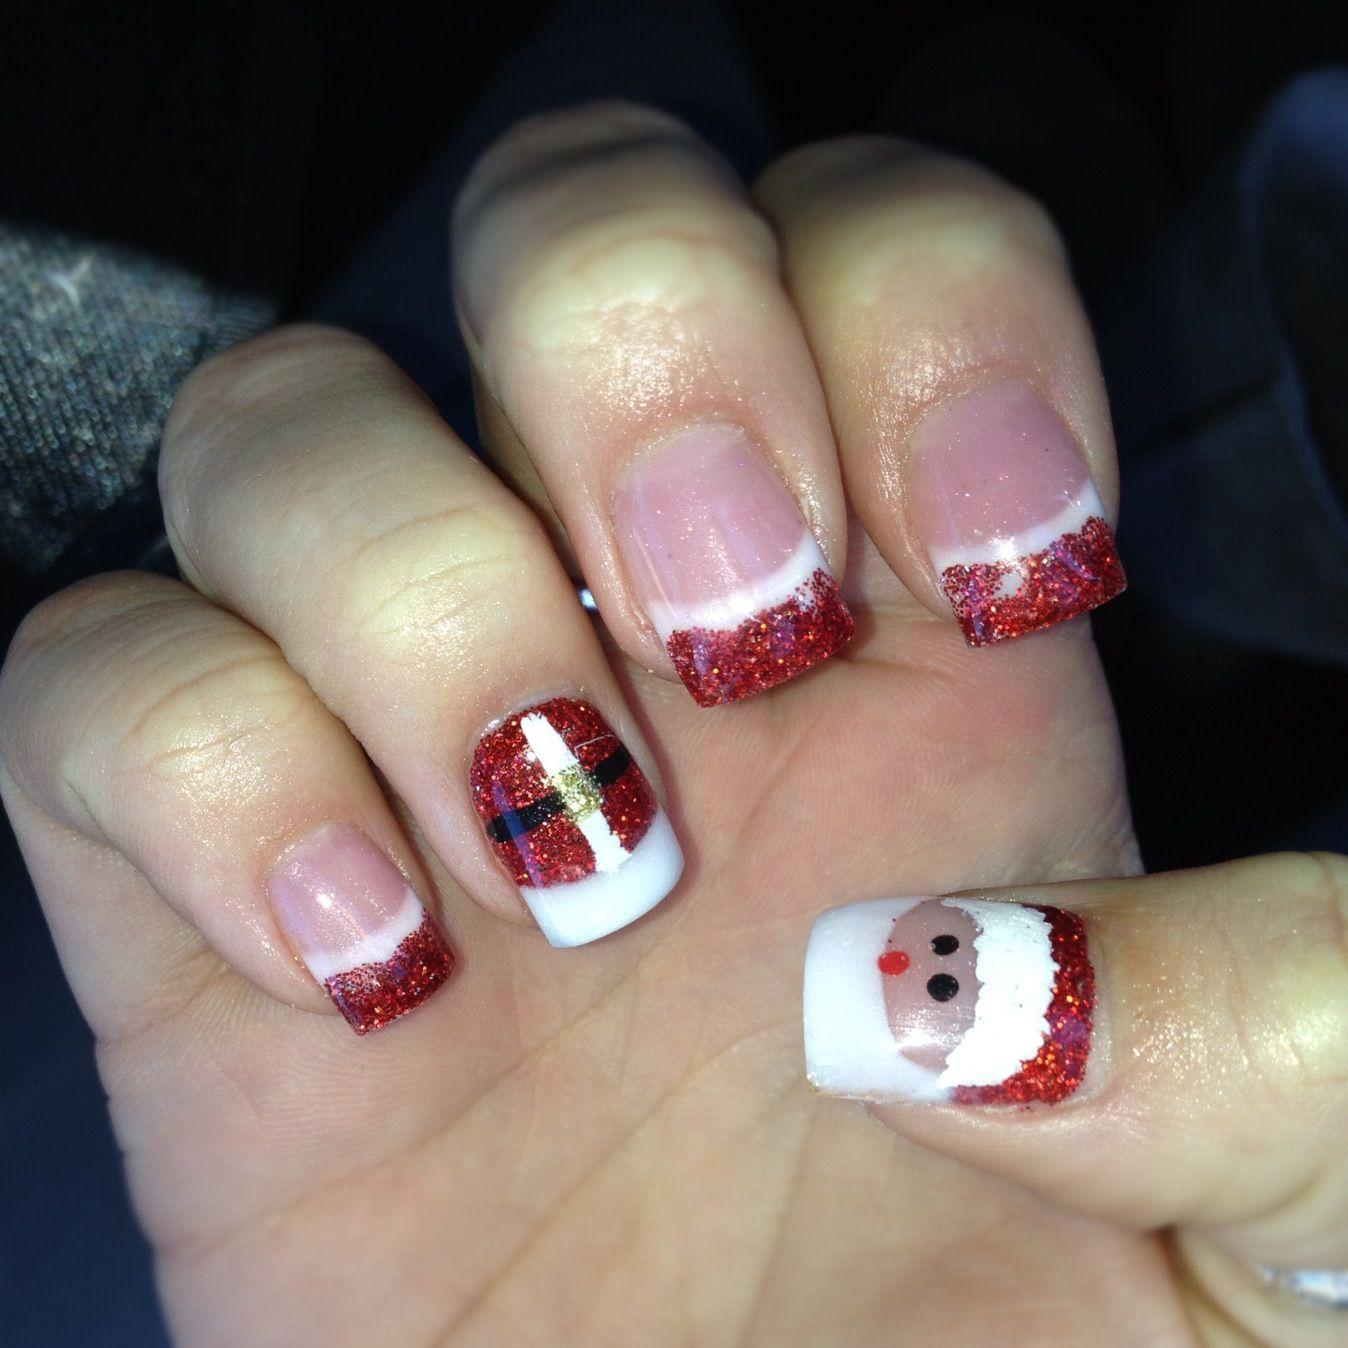 Holiday Acrylic Nails Designs: Christmas Santa Acrylic Nail Design